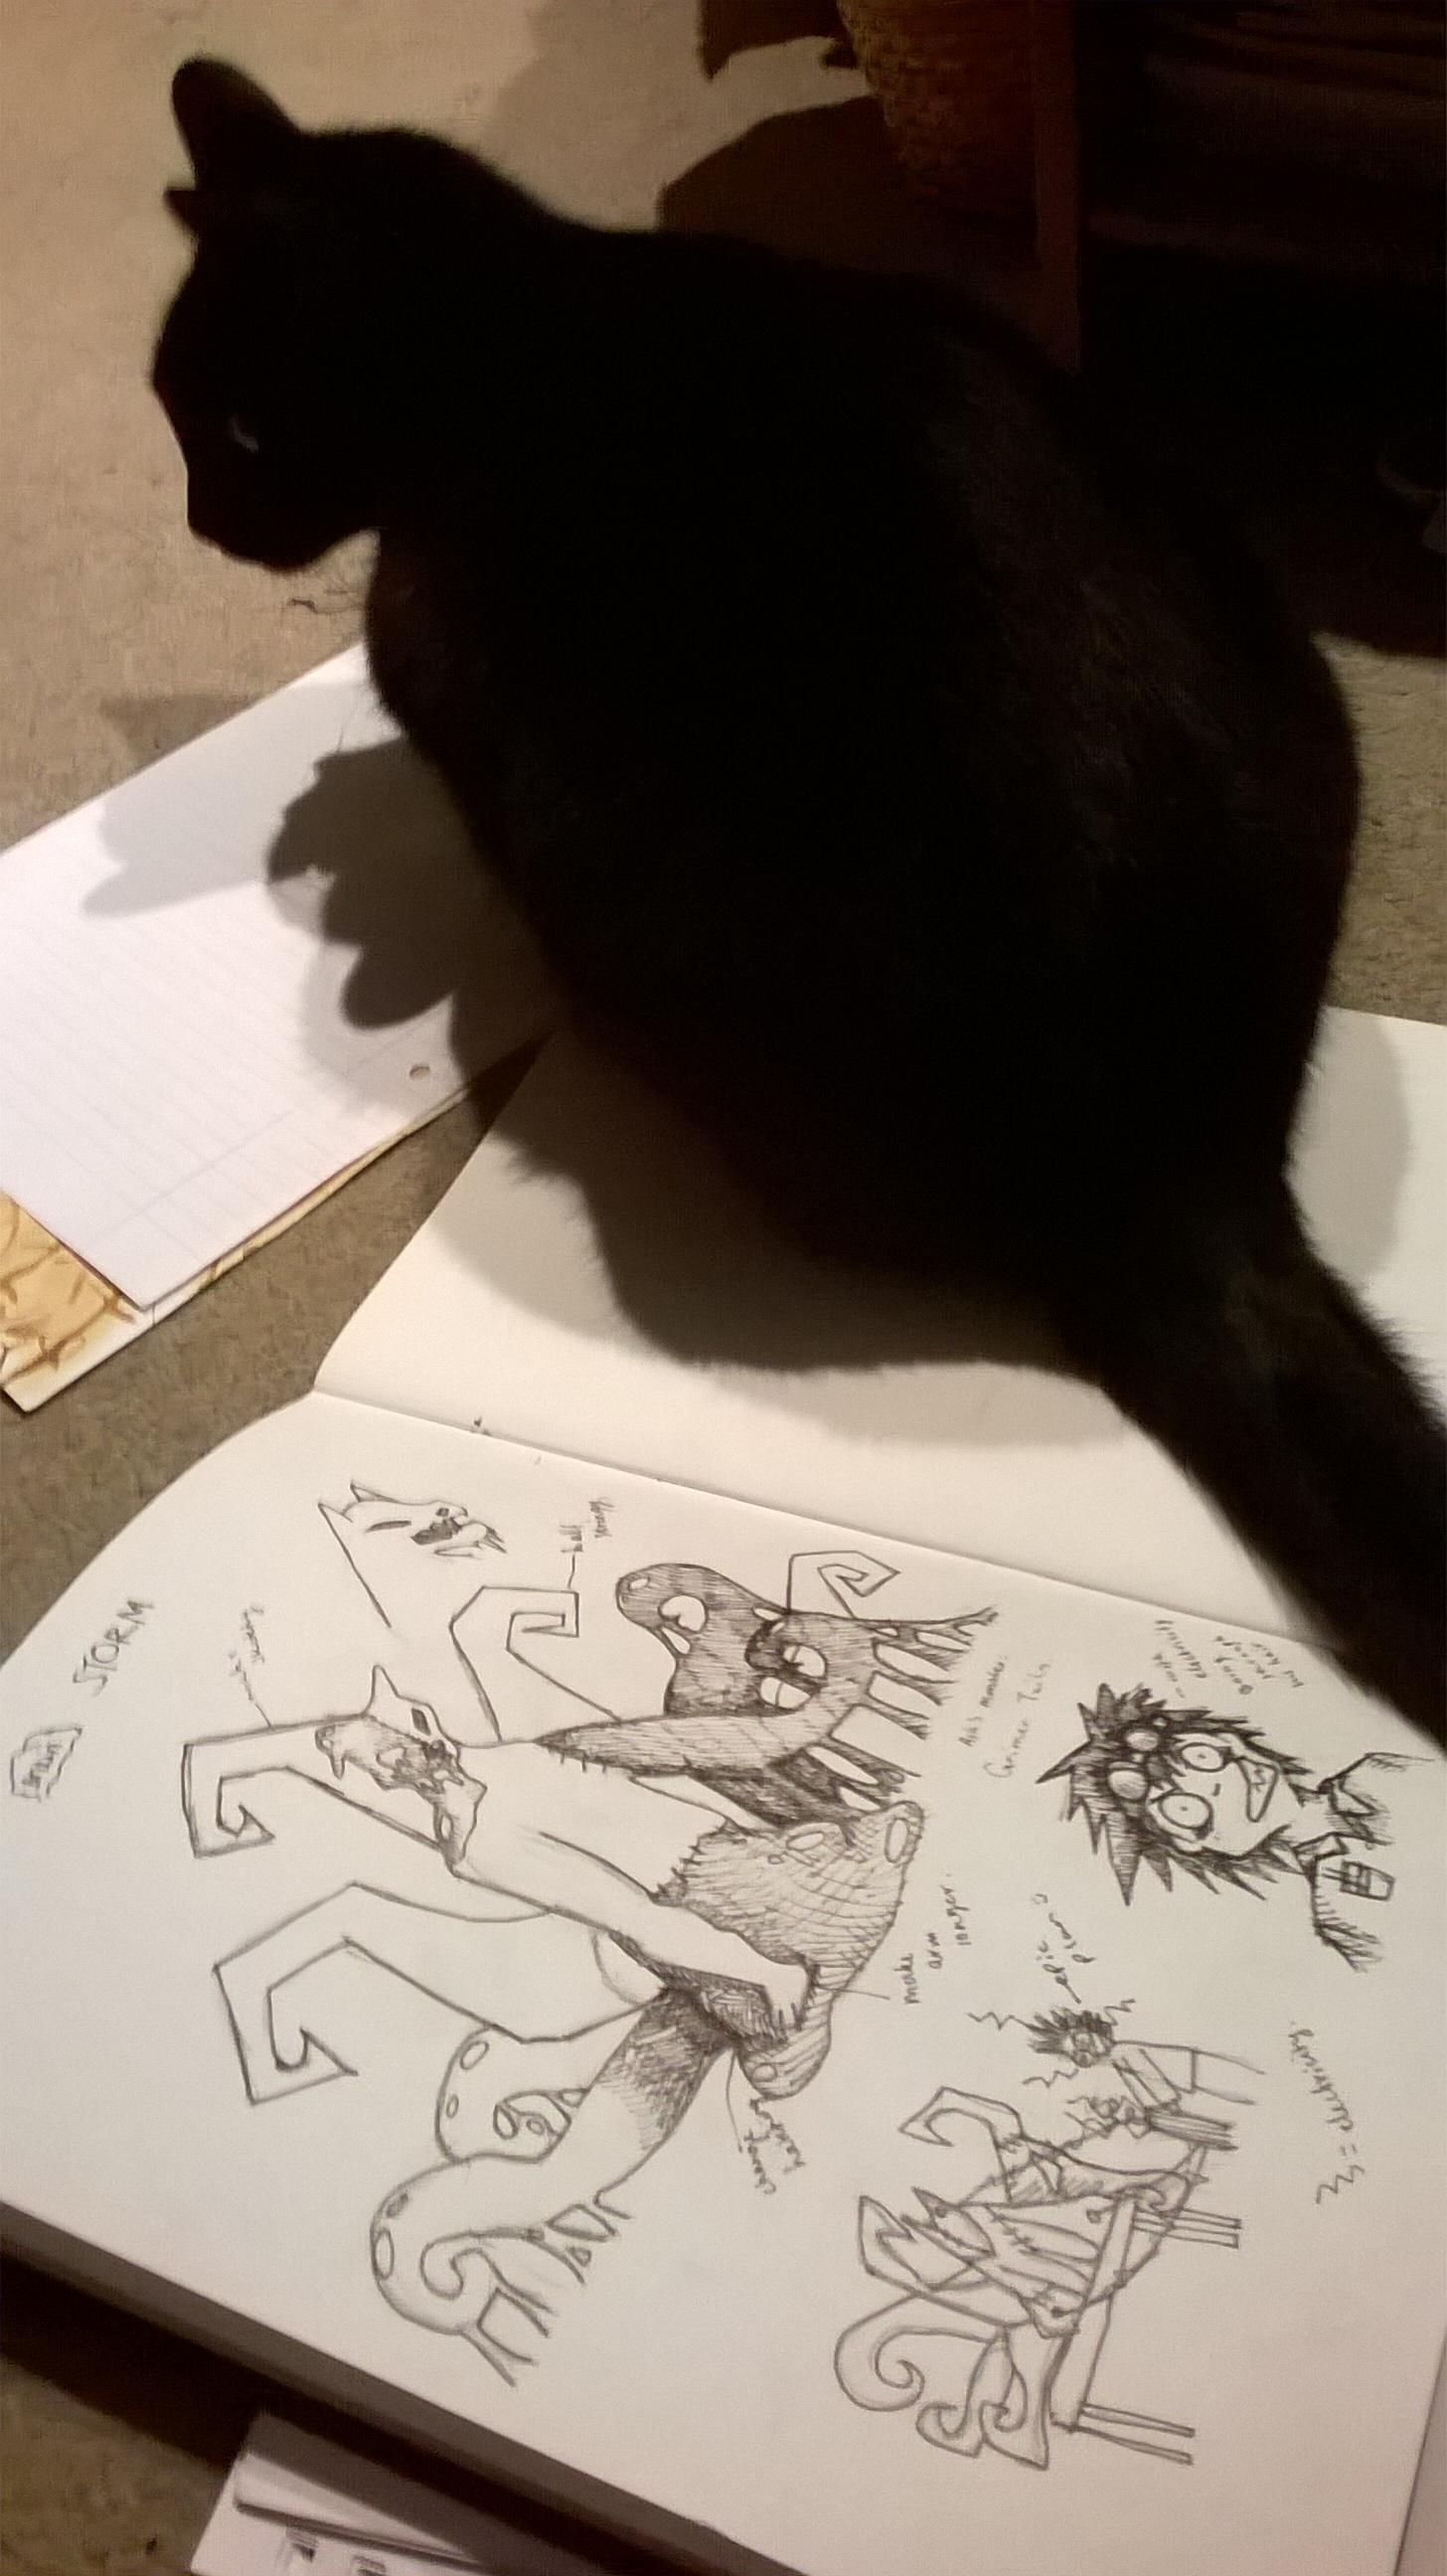 planning for Jazza's COTM #Pokemashup